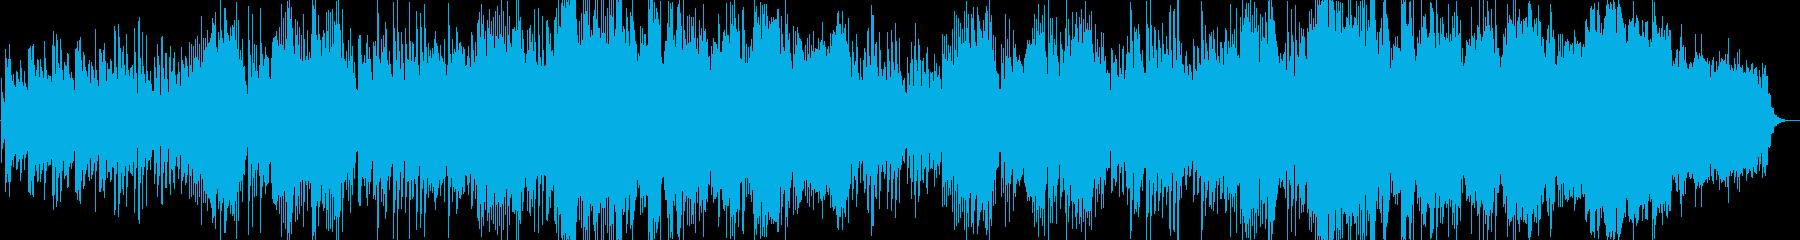 ゆったりと癒されるBGMの再生済みの波形